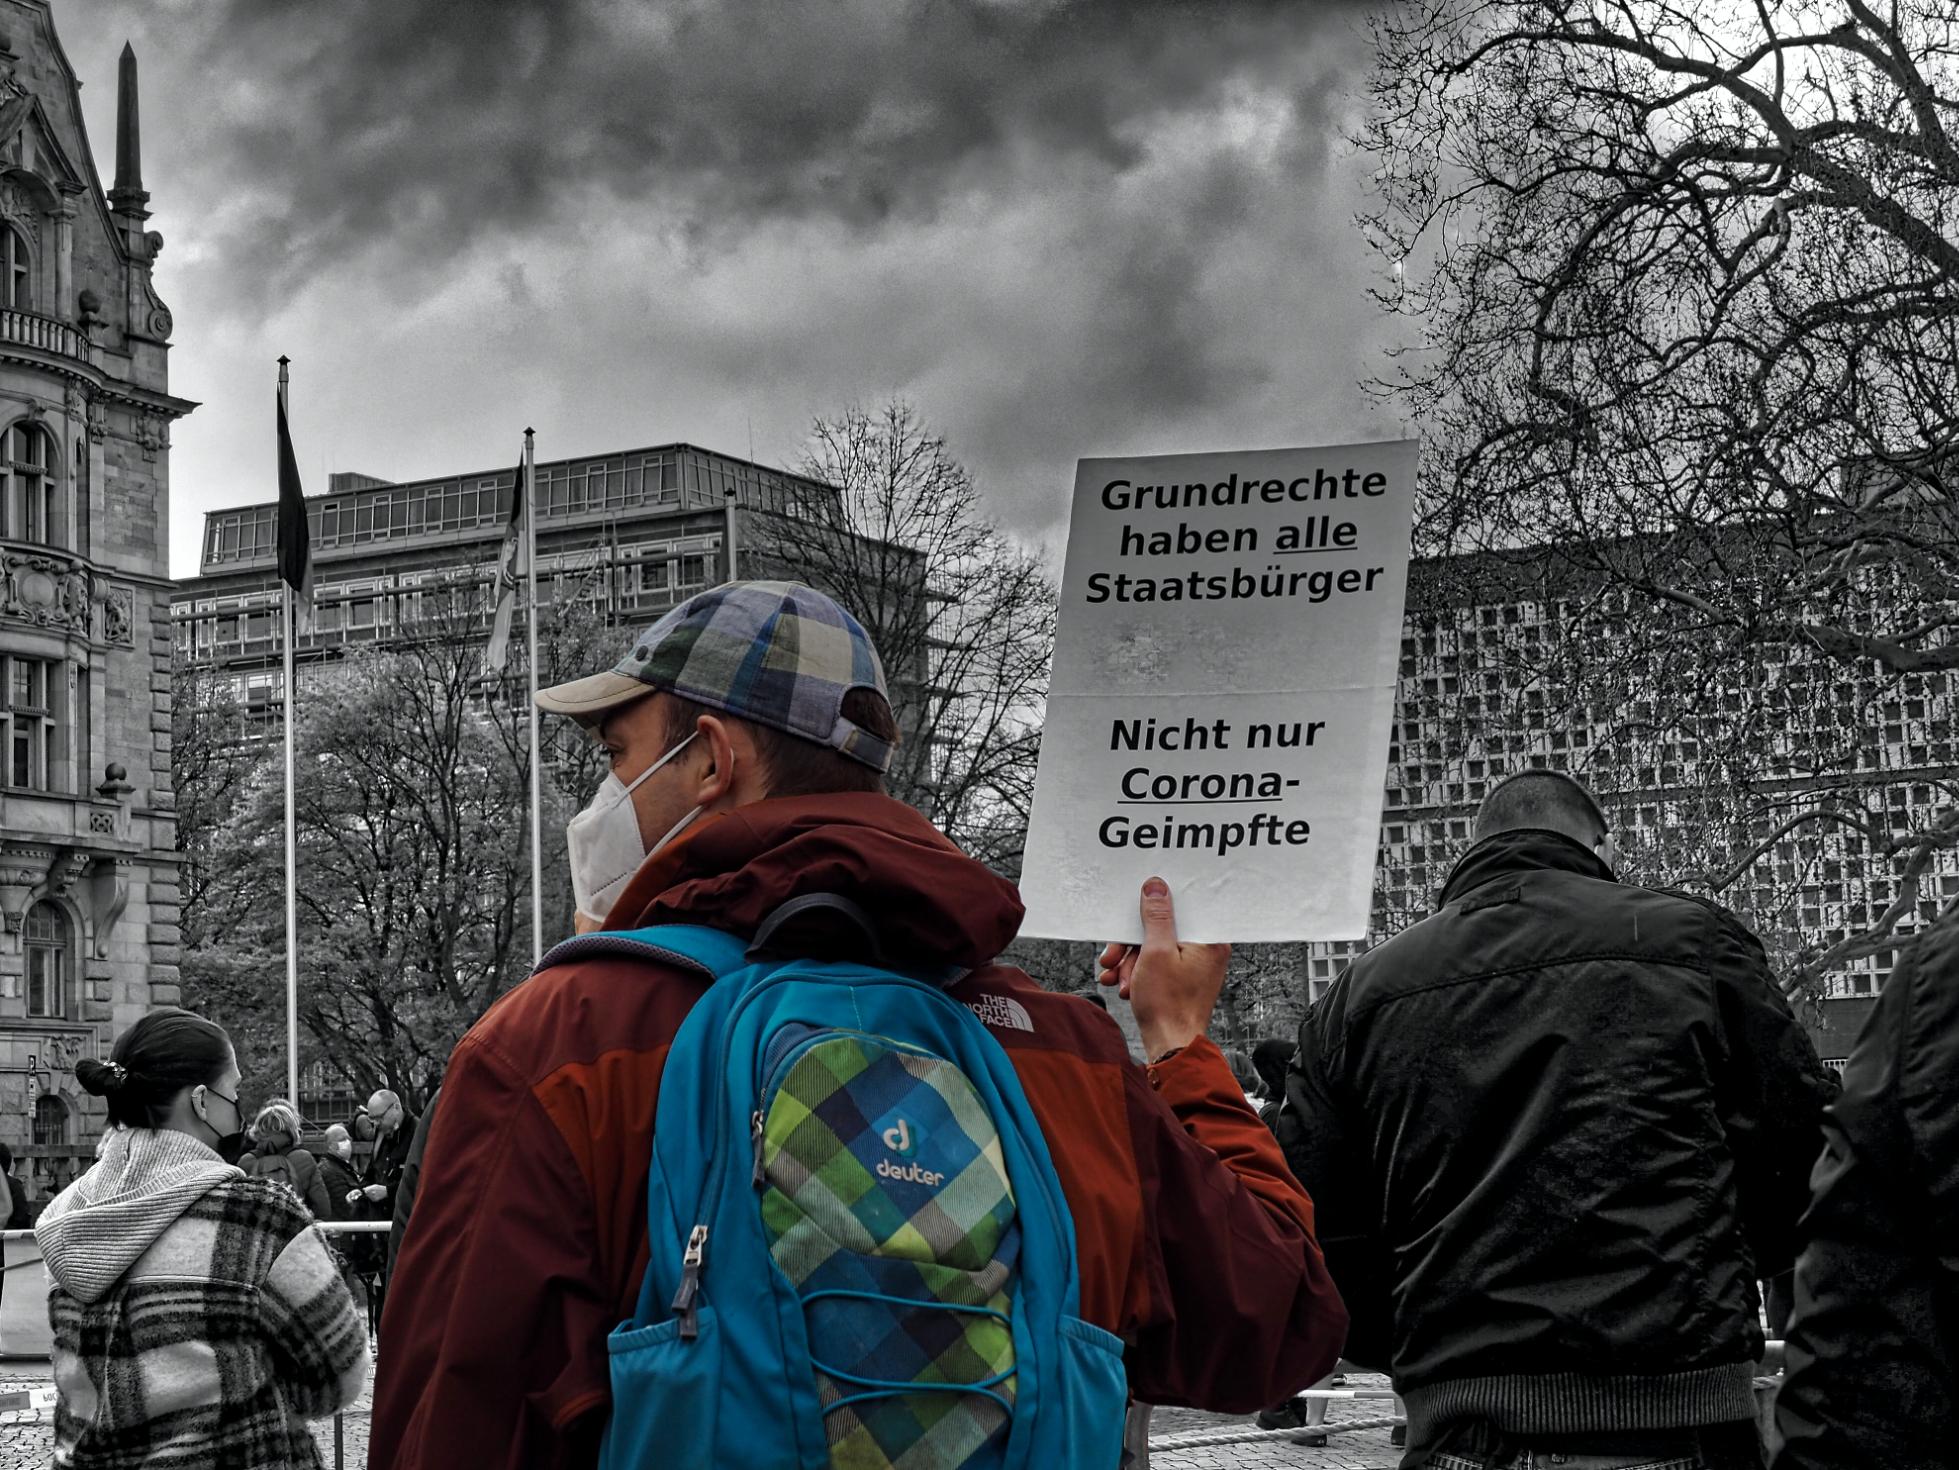 Grundrechte für alle